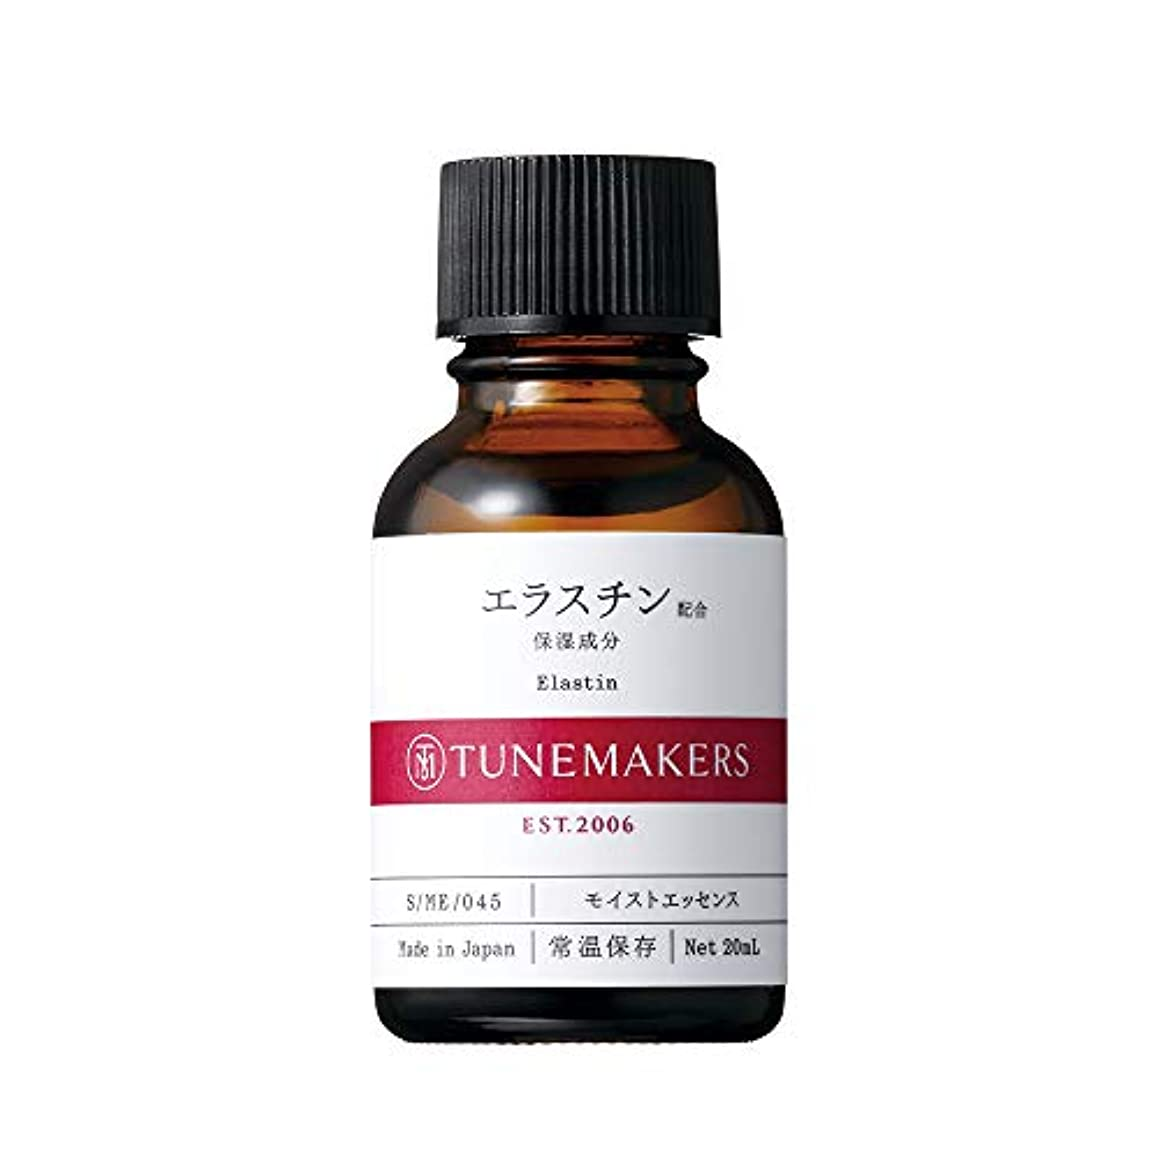 弁護人調子急性TUNEMAKERS(チューンメーカーズ) エラスチン 美容液 20ml